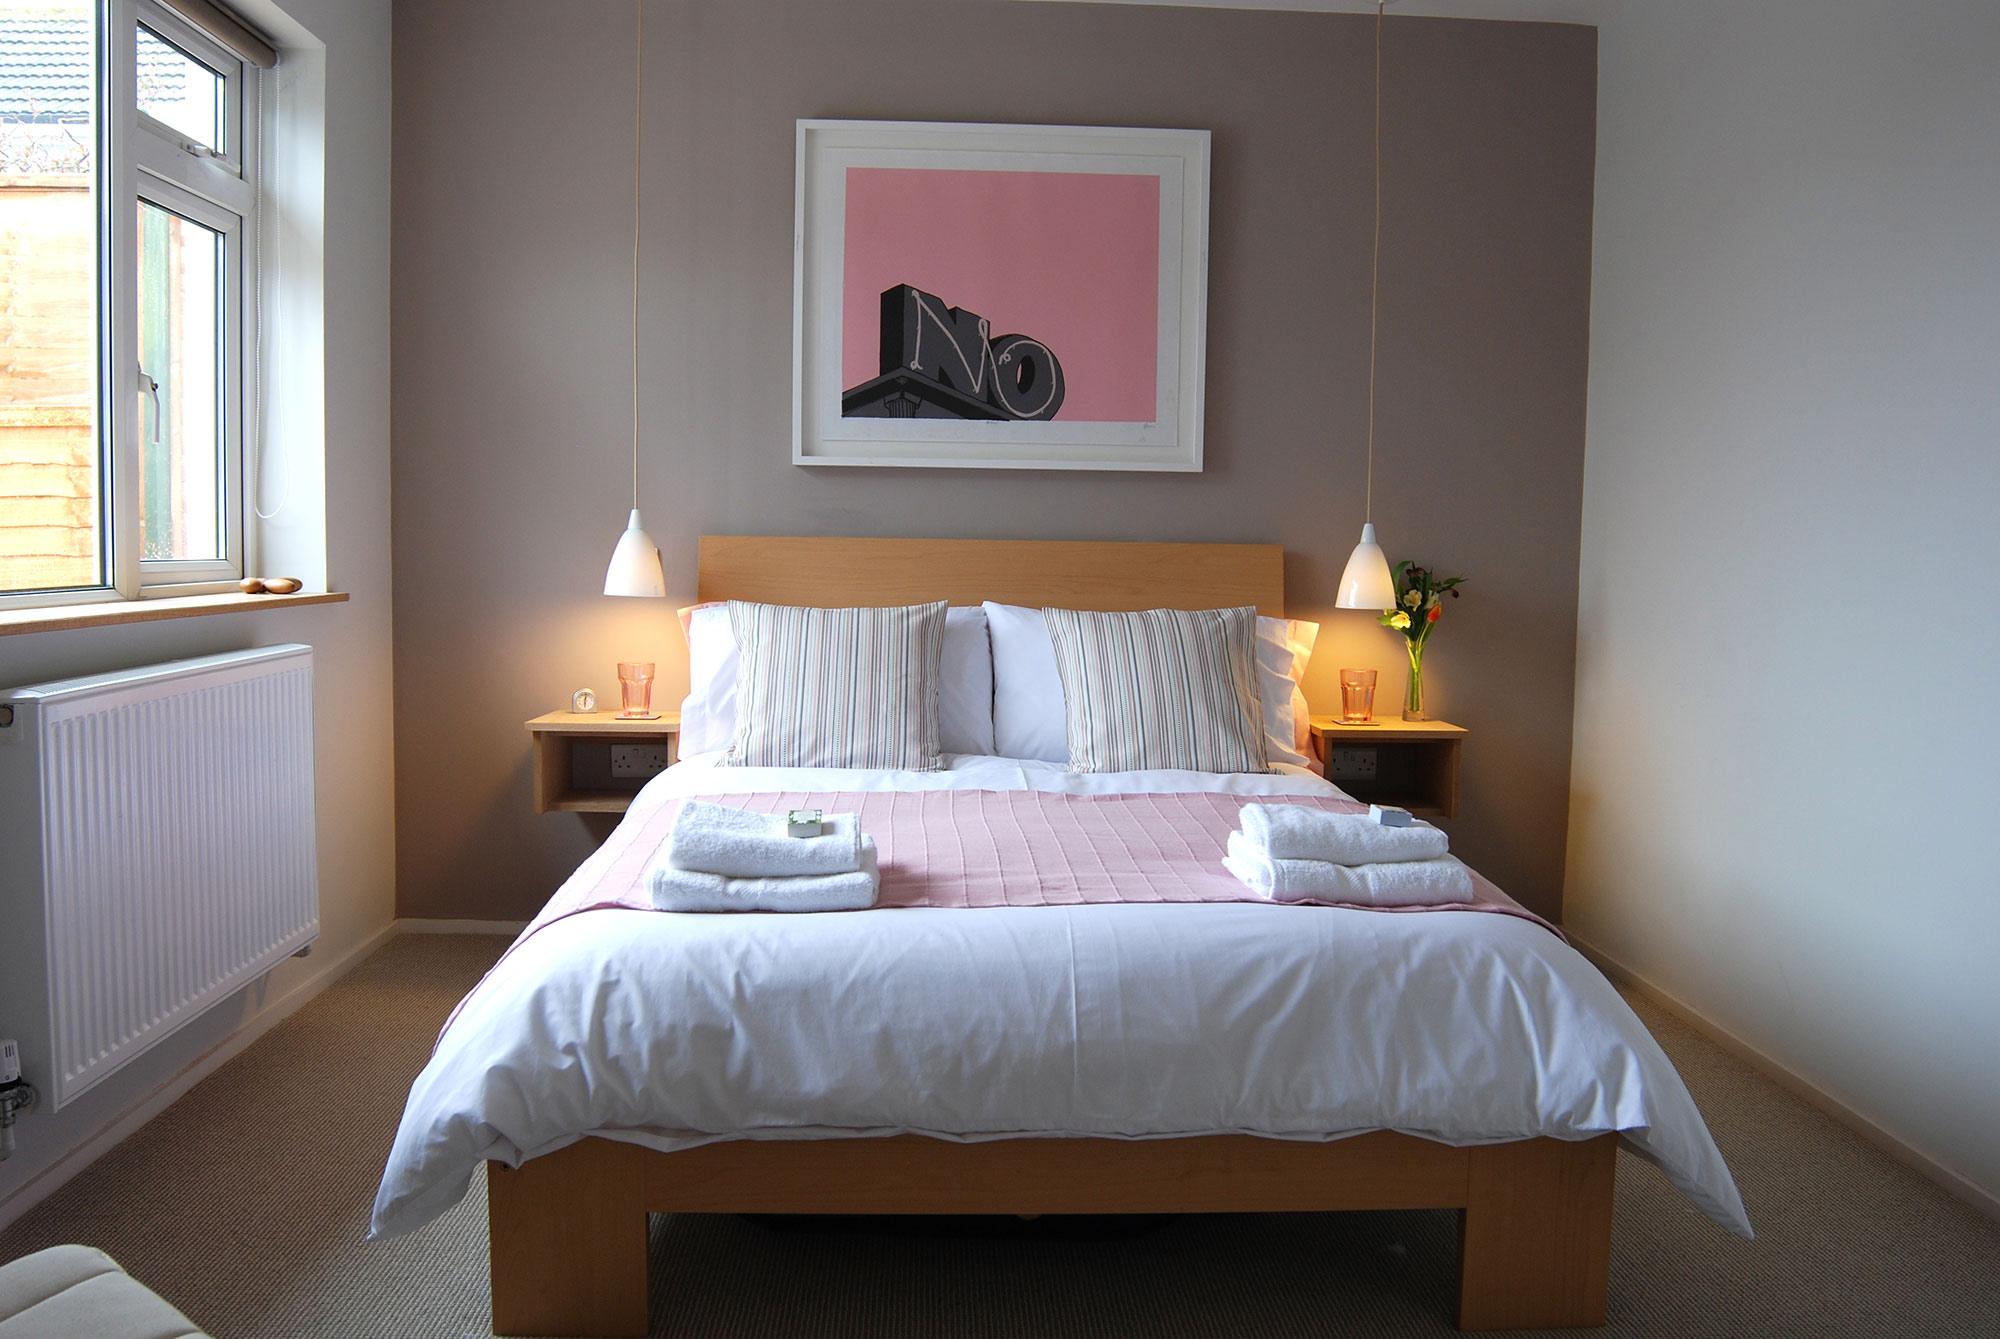 Building Modernization at Gwelanmor bedroom